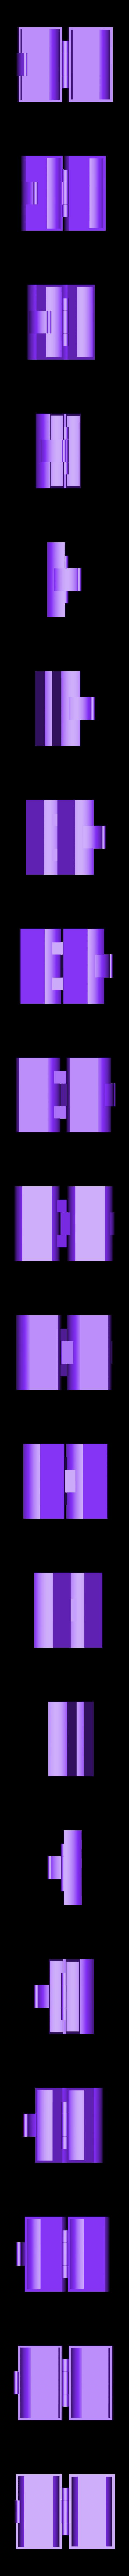 nozzle box no partitions.STL Download free STL file Nozzle Box • 3D printer template, Oliver0512